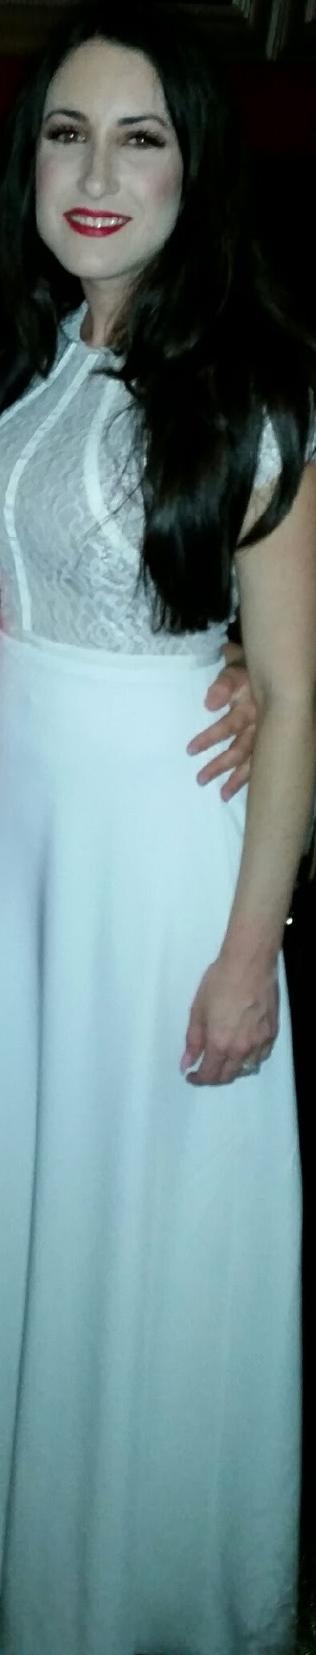 whitey.jpg